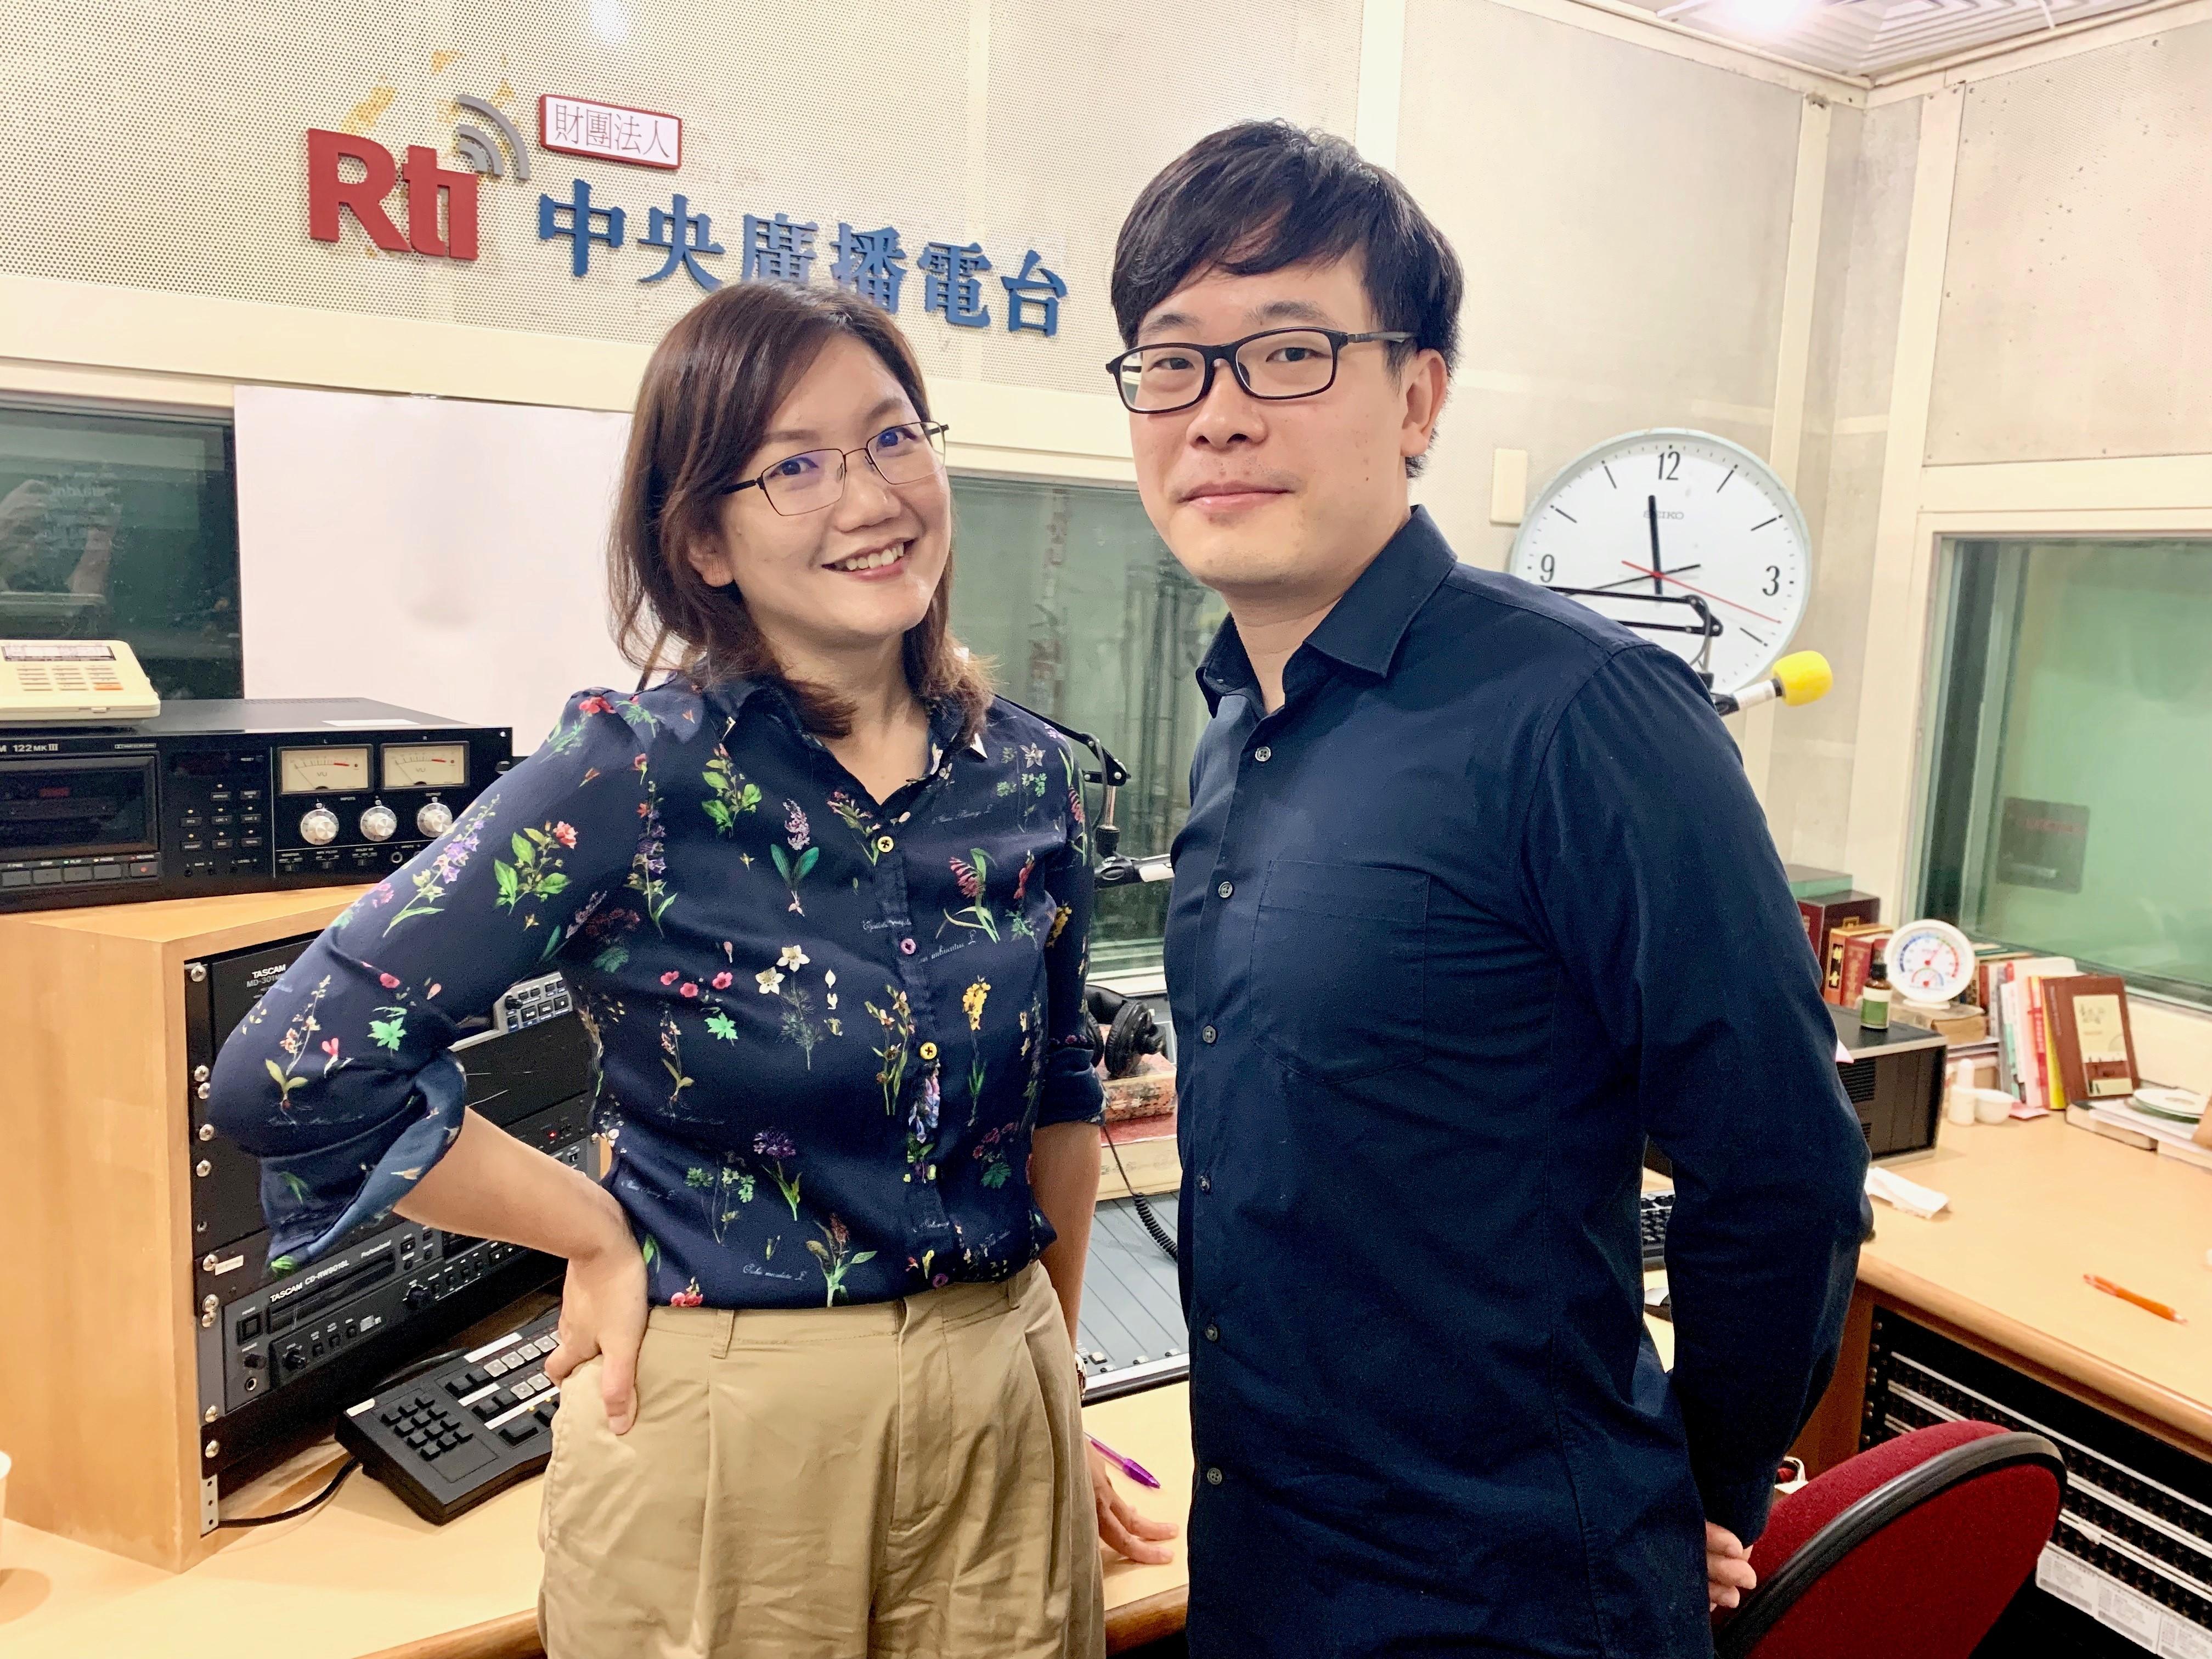 假新聞對台灣的影響及因應